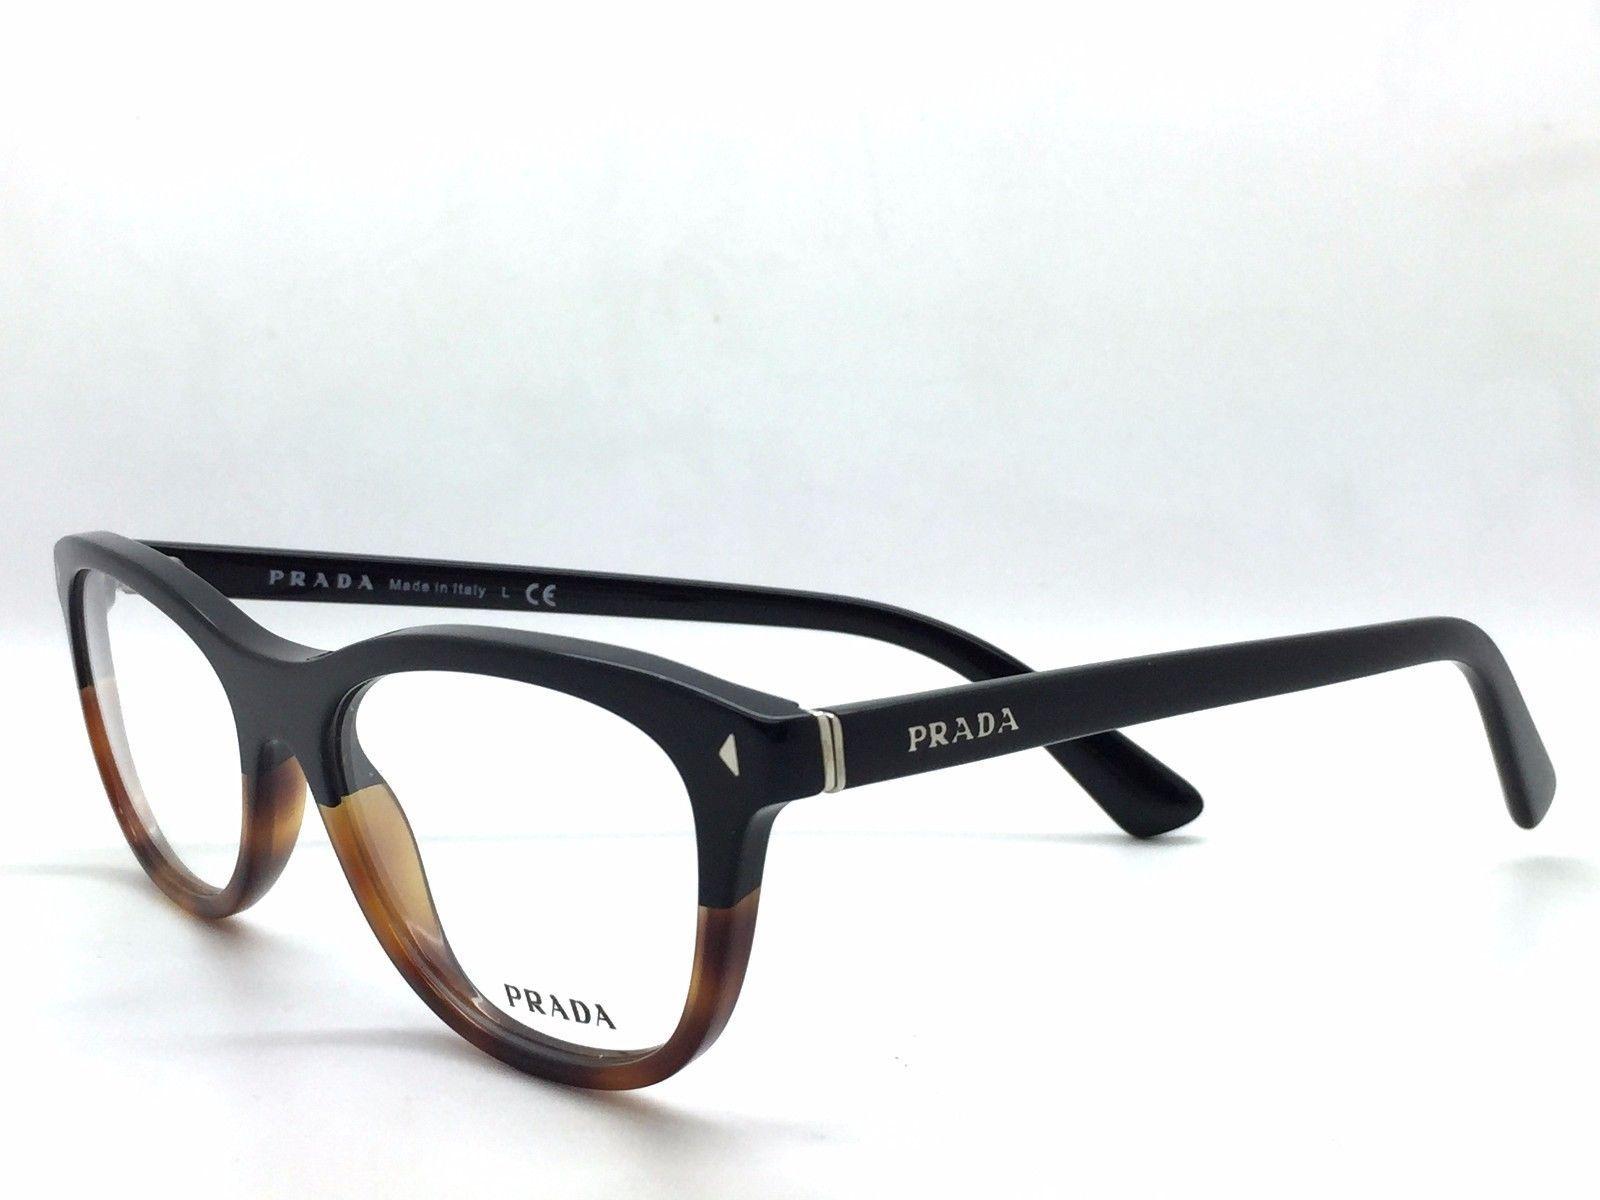 Prada VPR 05R TKA-1O1 Black/ Tortoise Authentic Eyeglases51mm 17mm 140mm w/Case